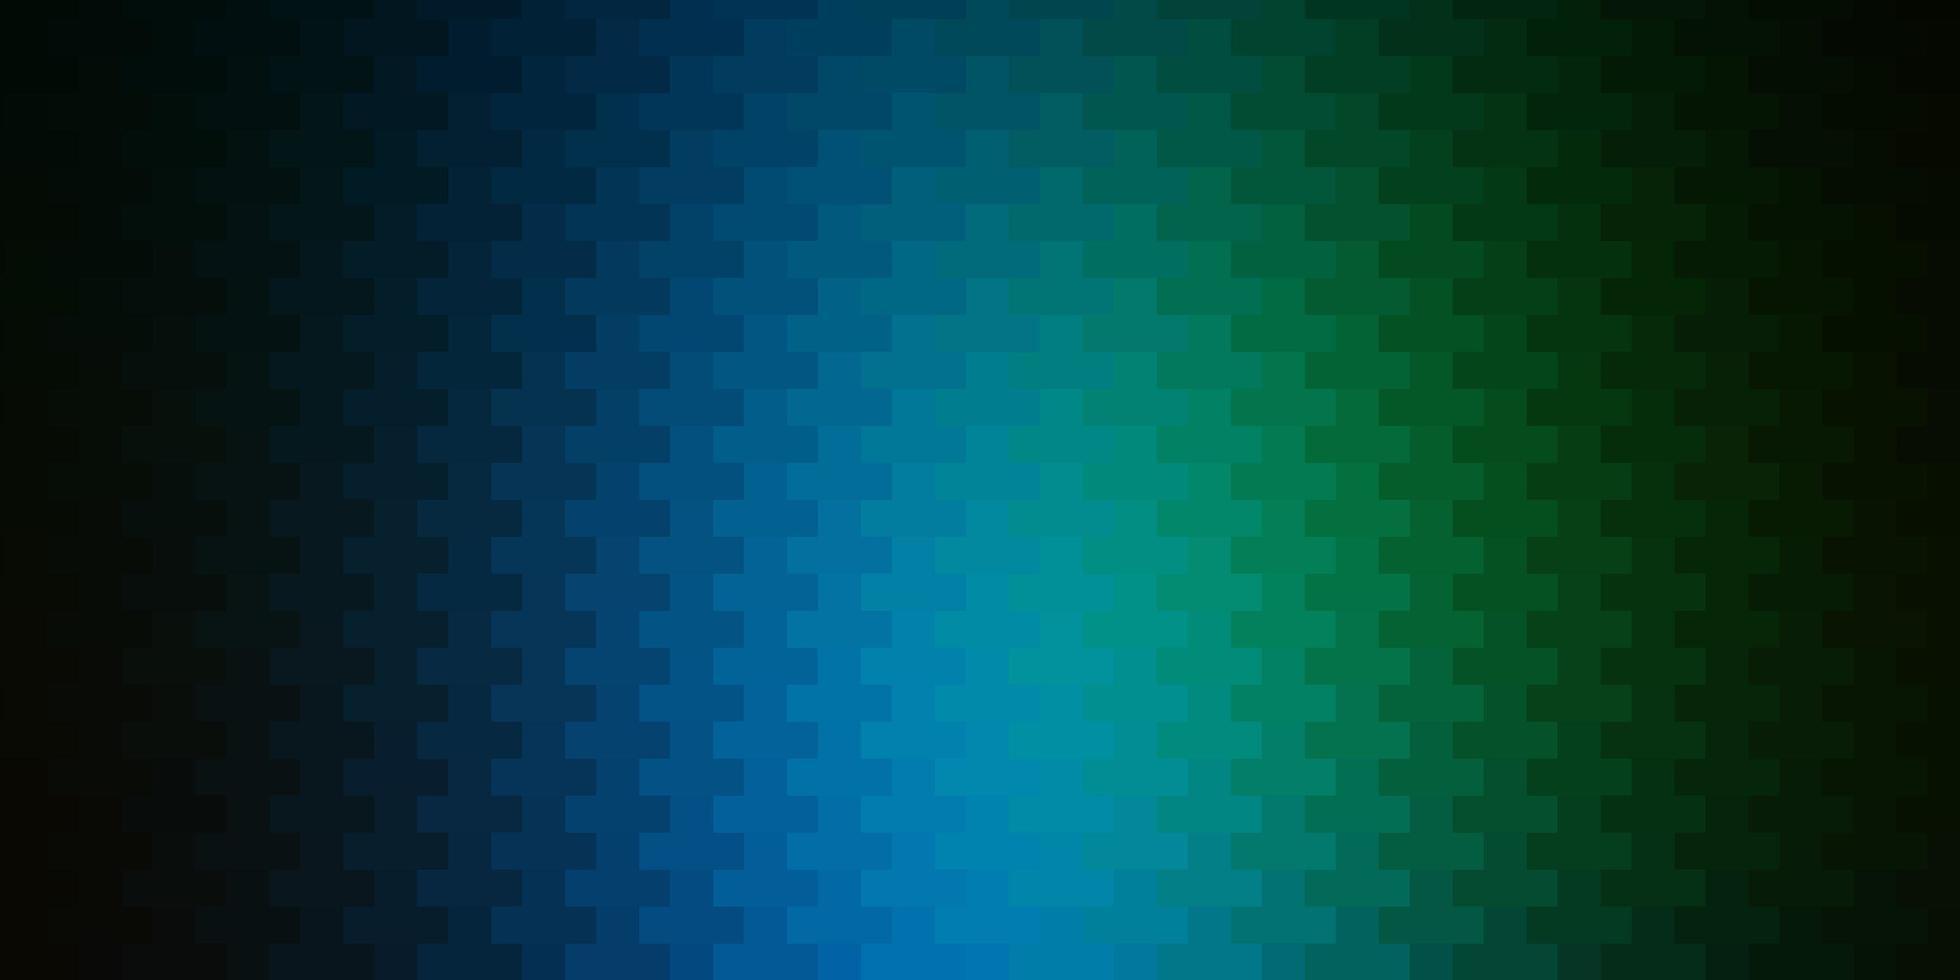 disposition de vecteur bleu foncé, vert avec des lignes, des rectangles.